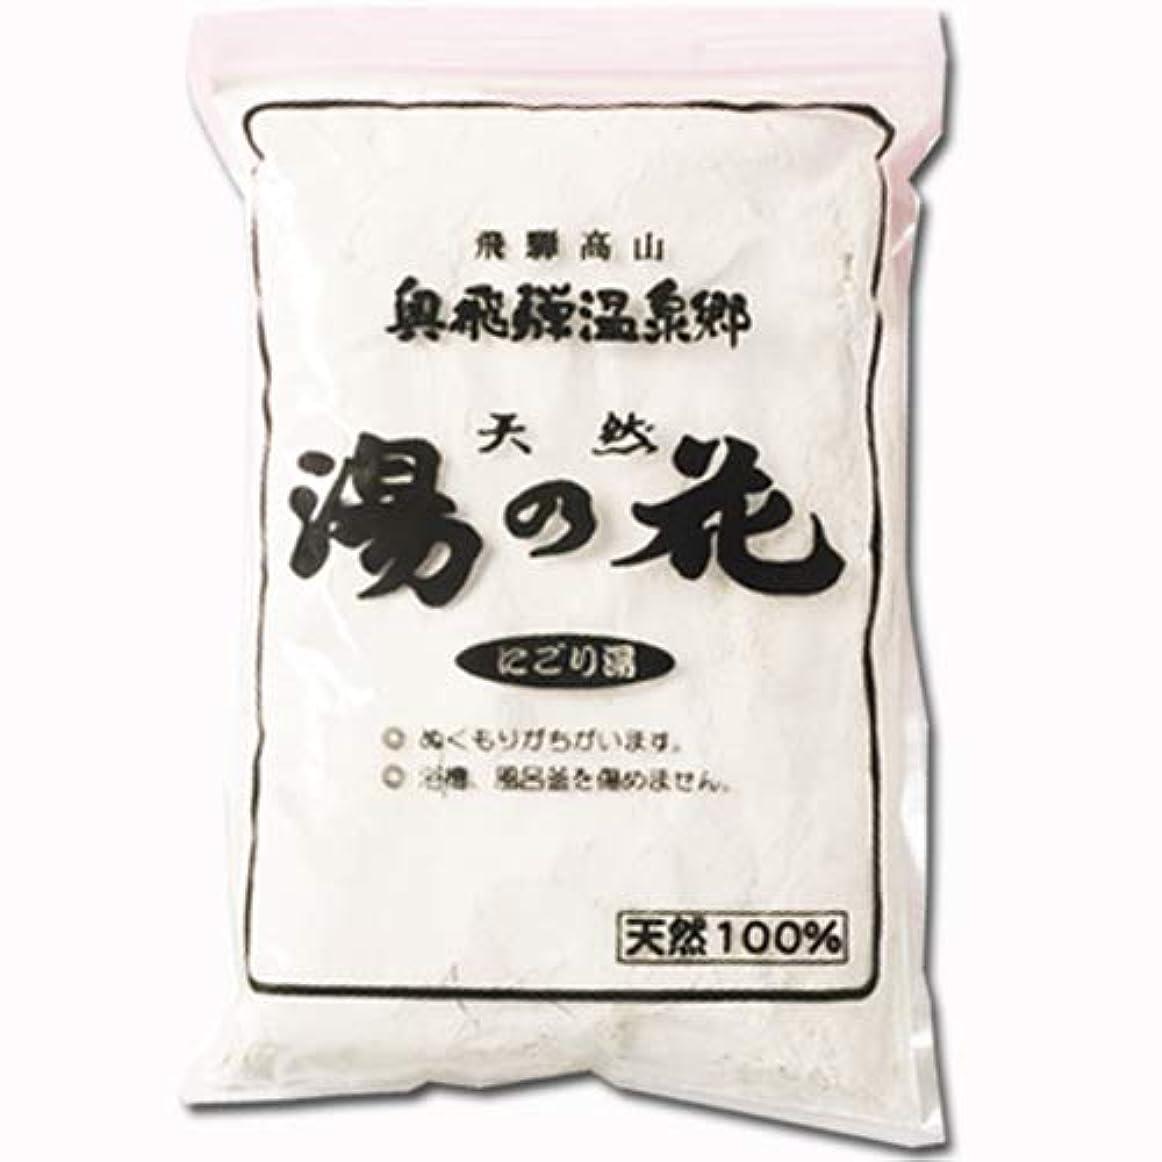 矛盾する報酬のきしむ天然湯の花 (業務用) 1kg (飛騨高山温泉郷 にごり湯)